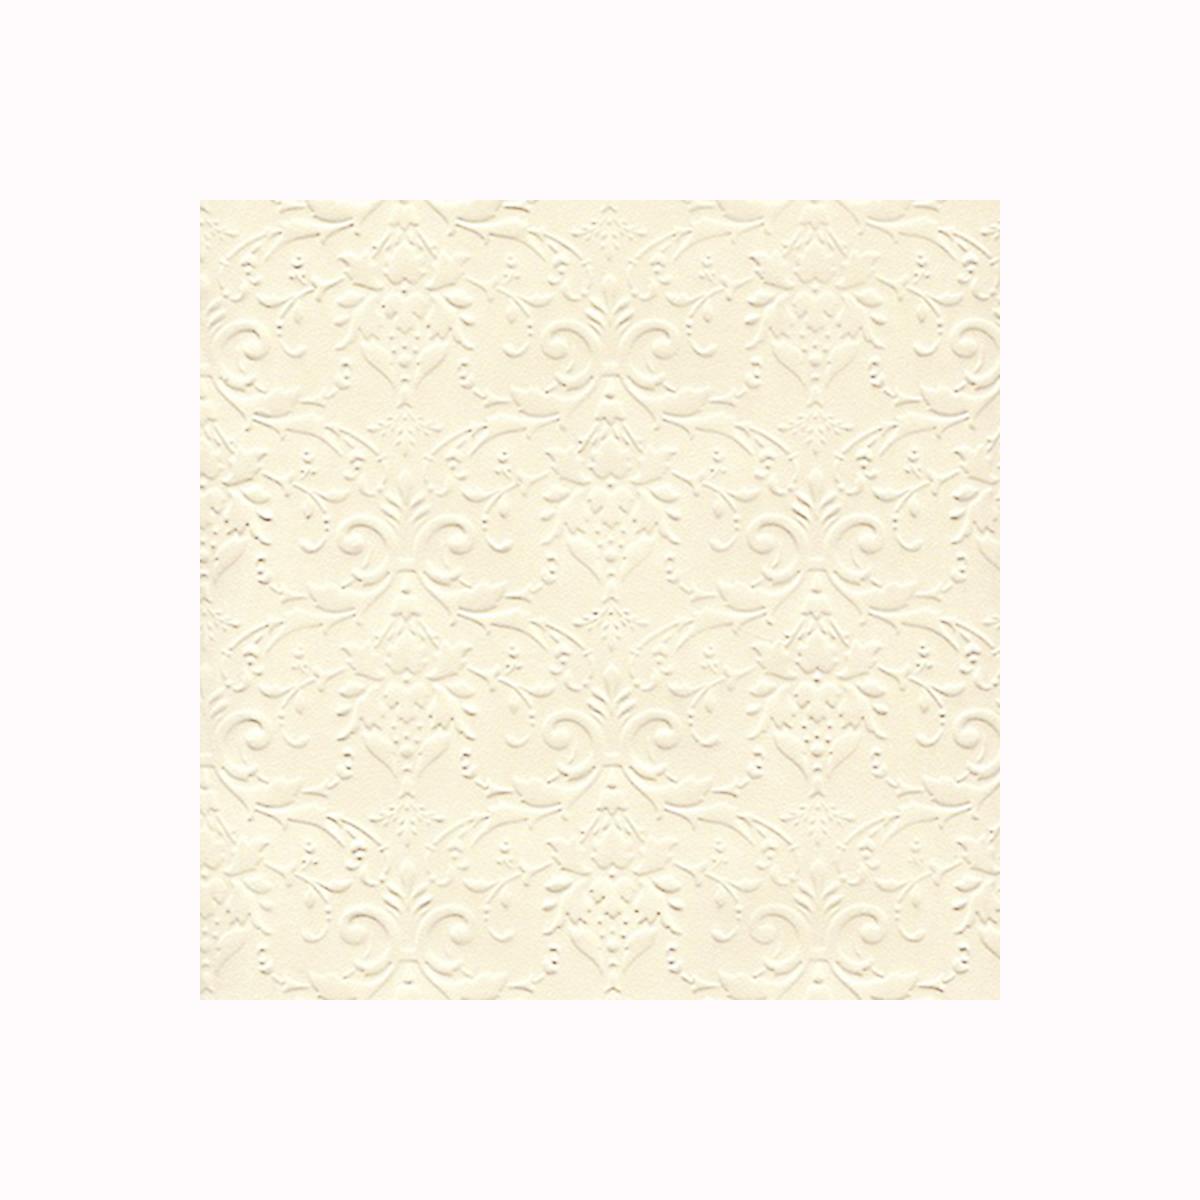 Бумага фактурная Лоза Дамасский узор, цвет: слоновая кость, 3 листа582975_БР003-2-Ф слоновая костьФактурная бумага для скрапбукинга Лоза Дамасский узор позволит создать красивый альбом, фоторамку или открытку ручной работы, оформить подарок или аппликацию. Набор включает в себя 3 листа из плотной бумаги. Скрапбукинг - это хобби, которое способно приносить массу приятных эмоций не только человеку, который этим занимается, но и его близким, друзьям, родным. Это невероятно увлекательное занятие, которое поможет вам сохранить наиболее памятные и яркие моменты вашей жизни, а также интересно оформить интерьер дома.Плотность бумаги: 200 г/м2.